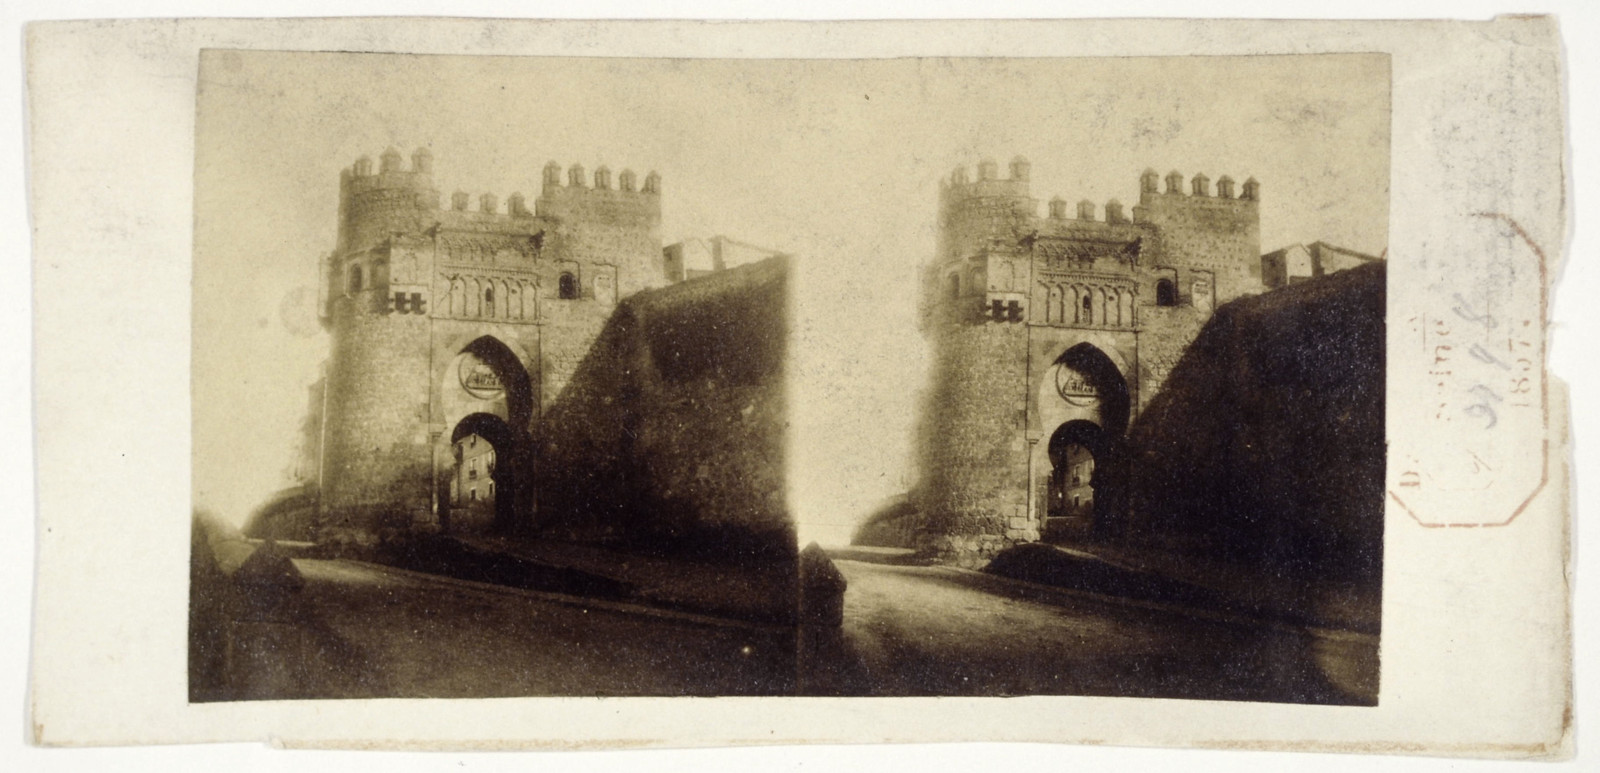 Puerta del Sol en 1856. Fotografía estereoscópica de Joseph Carpentier © Bibliothèque Nationale de France